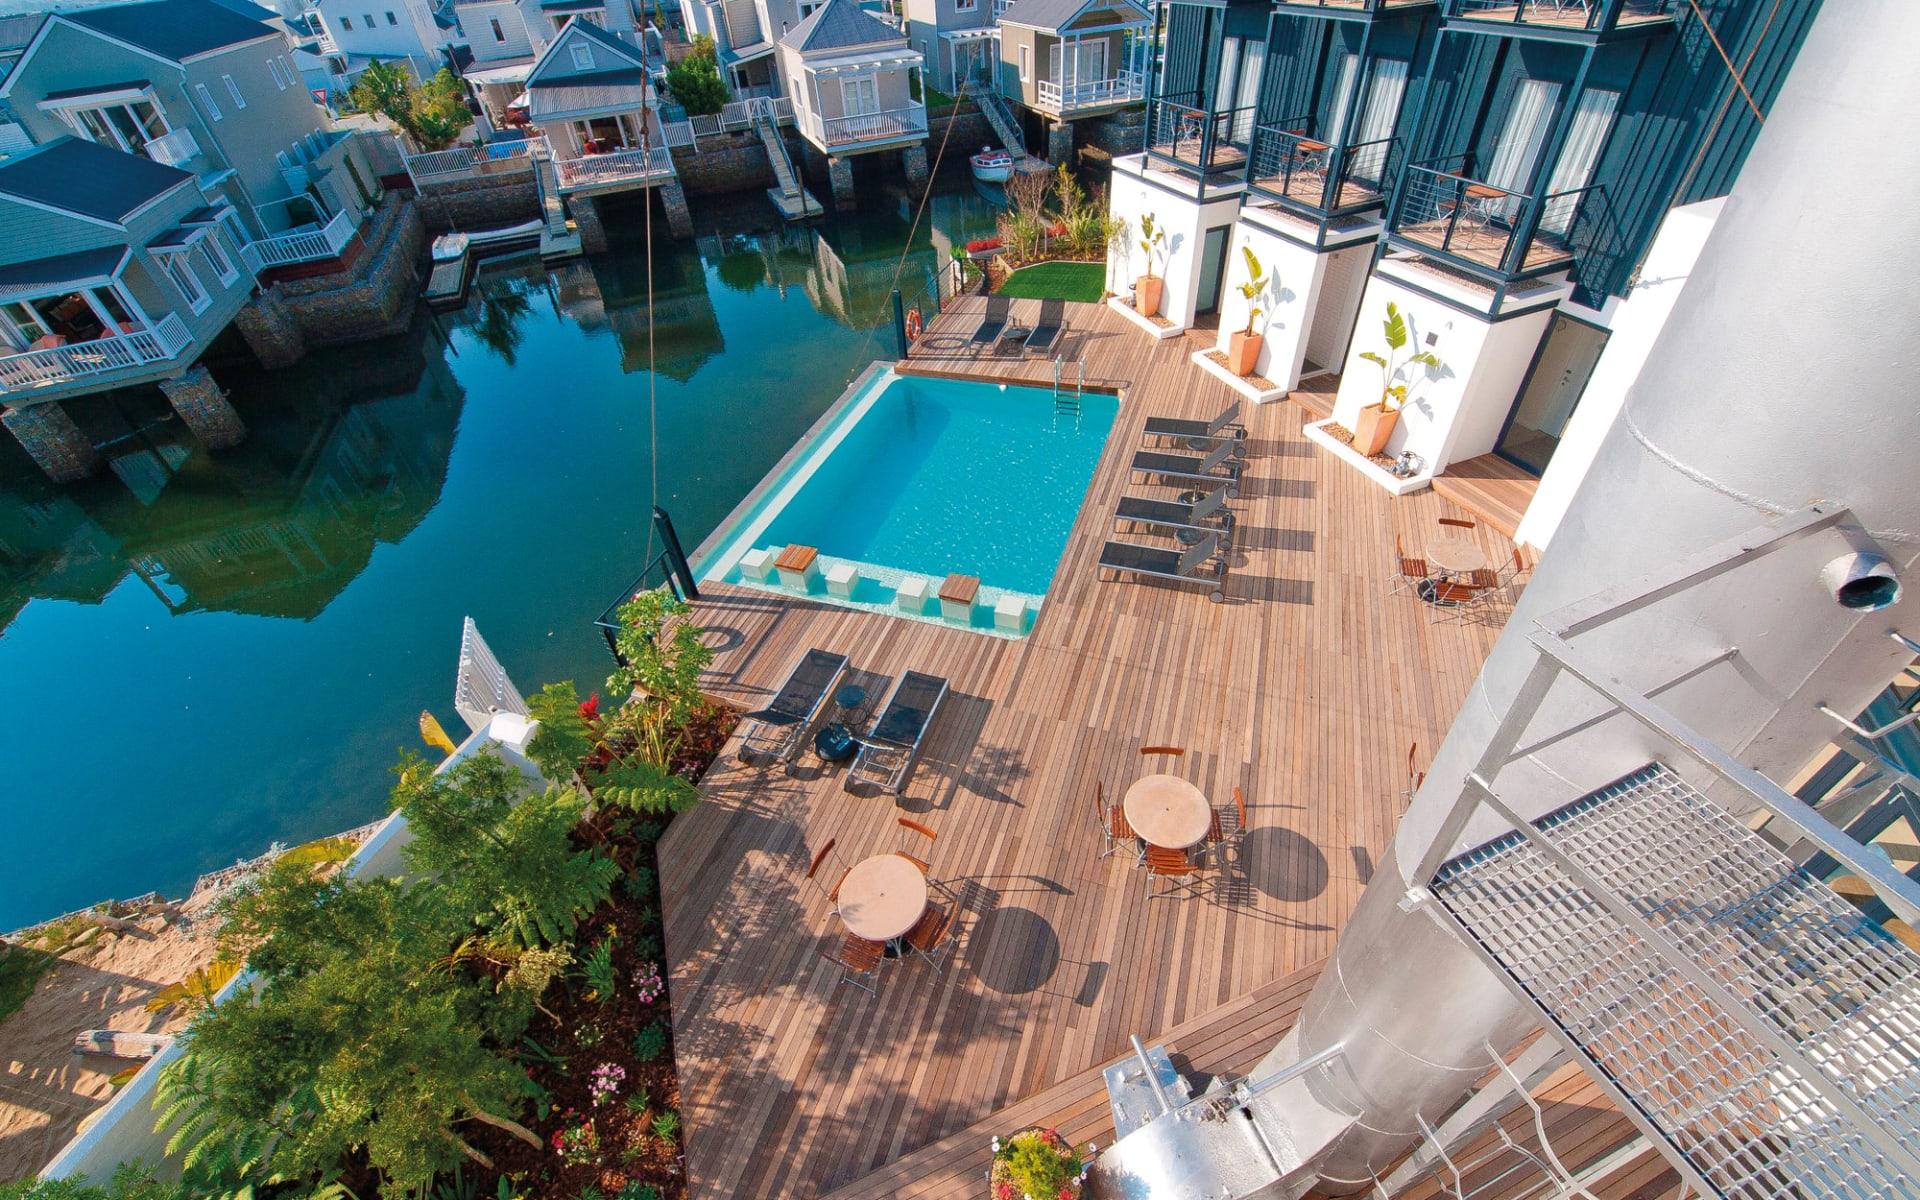 The Turbine Boutique Hotel & Spa in Knysna: facilities The Turbine Boutique Hotel - Terrasse mit Swimmingpool